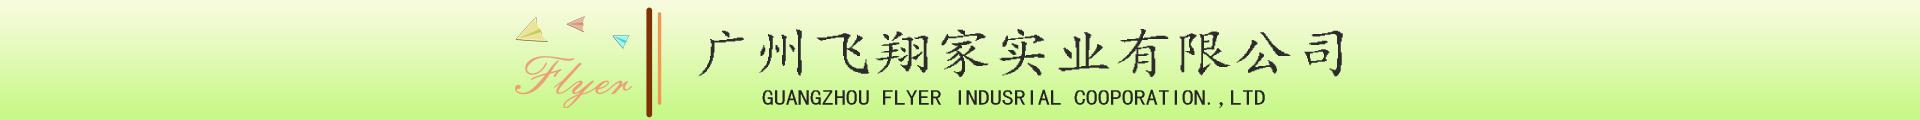 廣州飛翔家實業有限公司